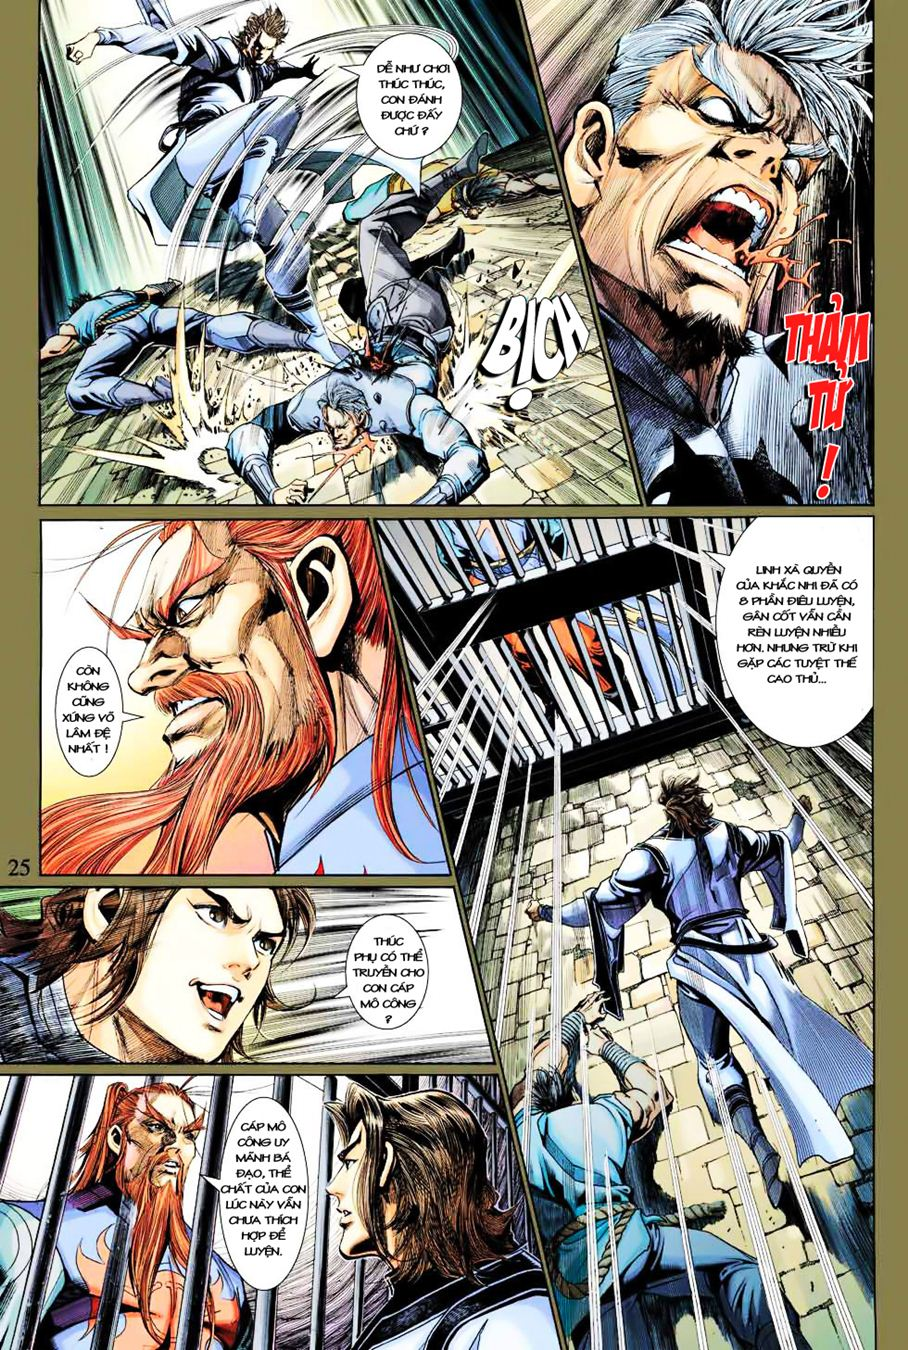 Anh Hùng Xạ Điêu anh hùng xạ đêu chap 35 trang 25